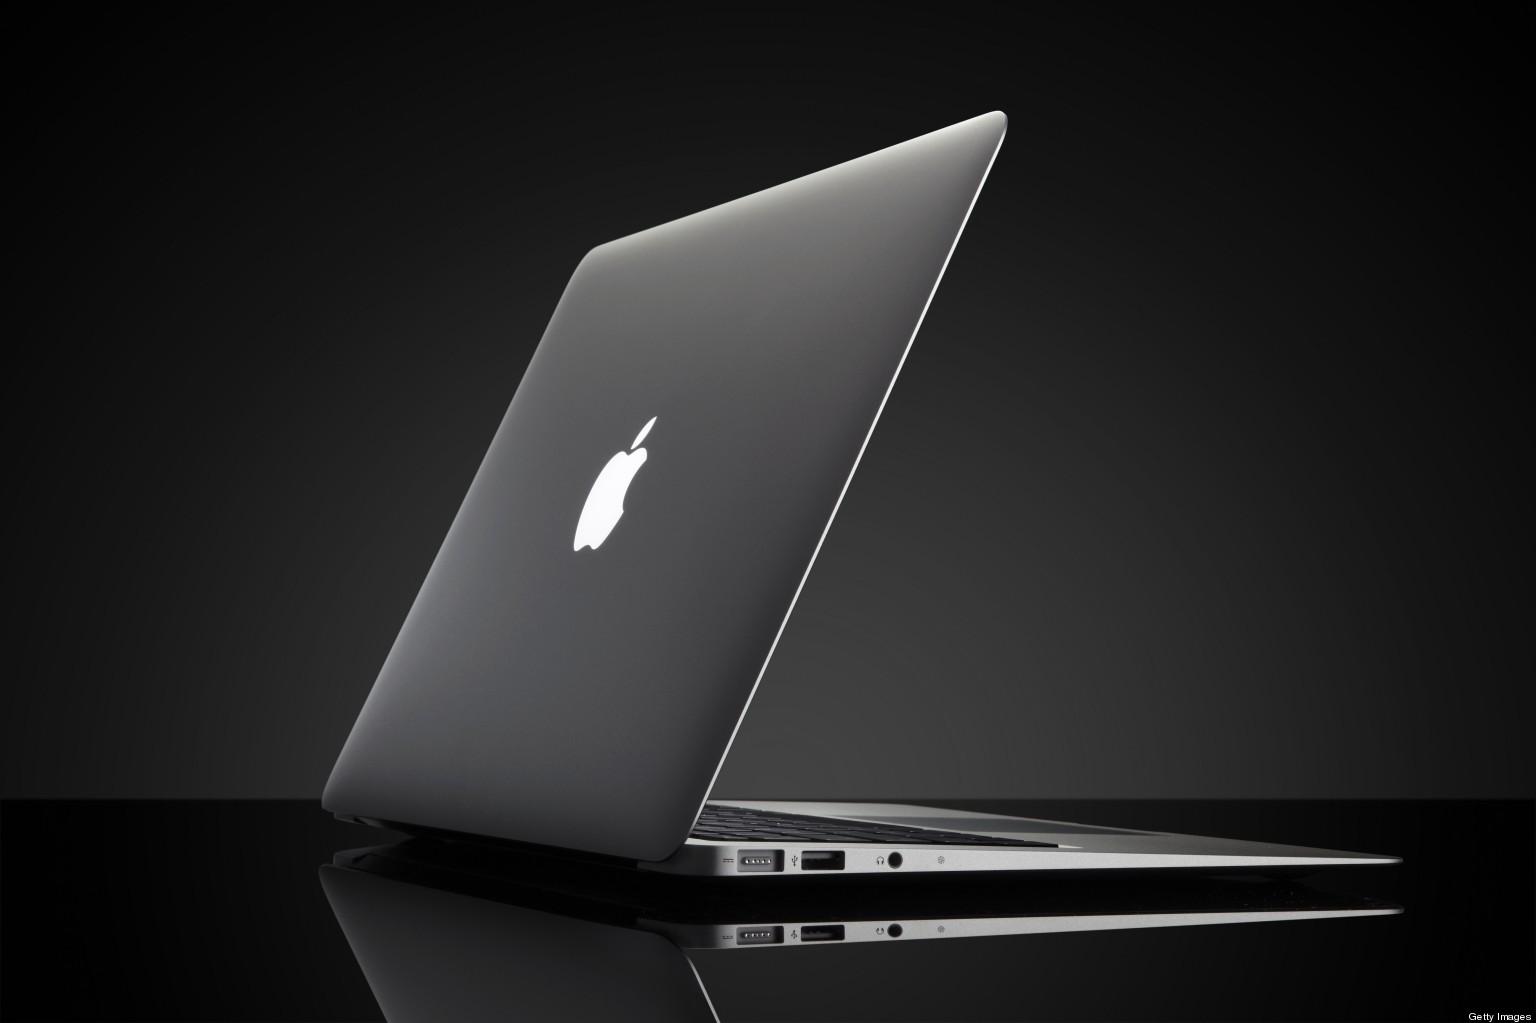 Produk Apple Yang Dikenal Dengan Macbook